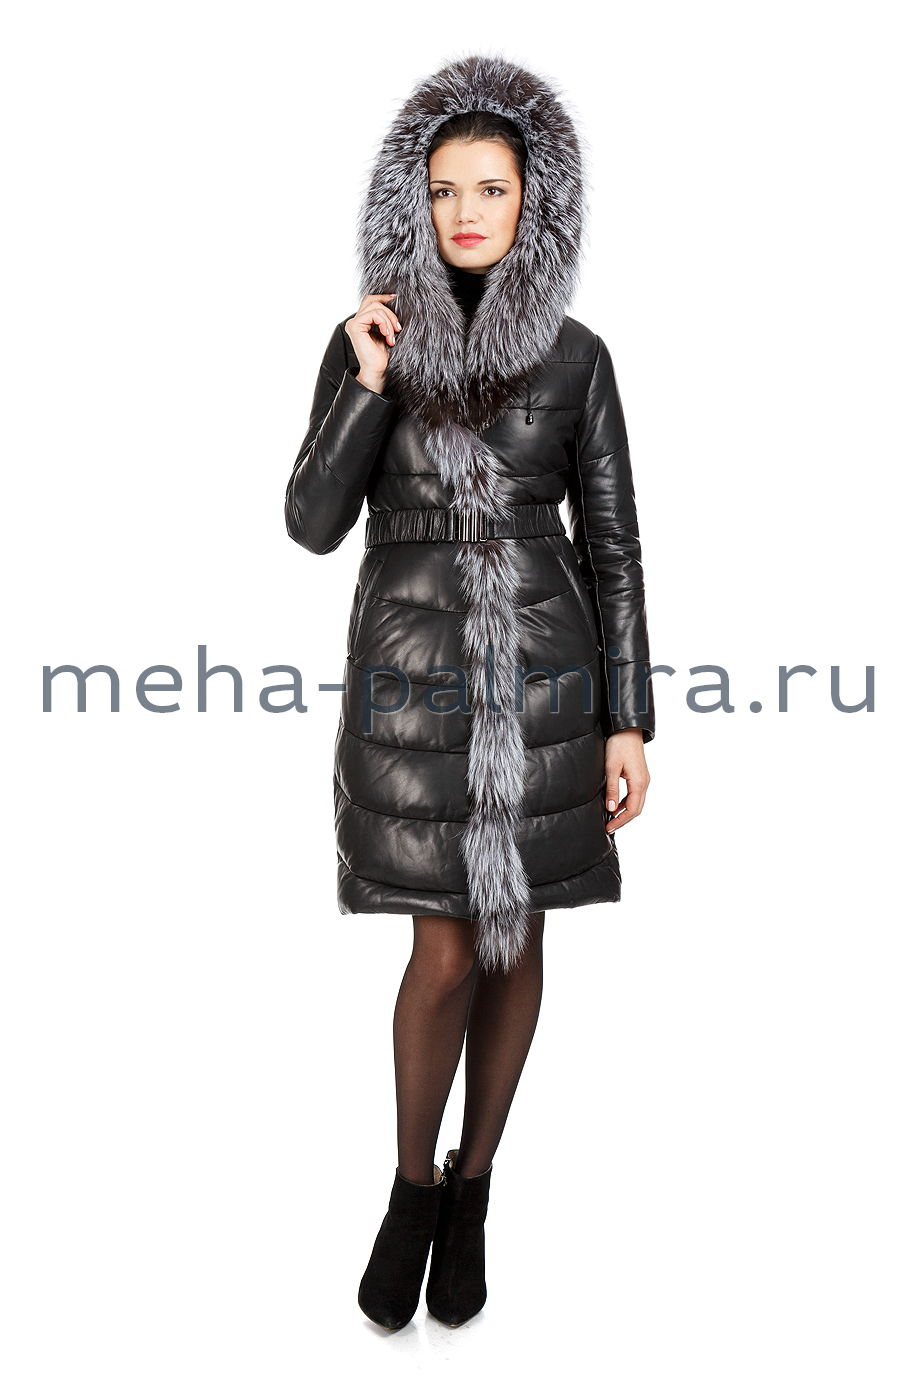 Удлинённый кожаный пуховик с мехом чернобурки